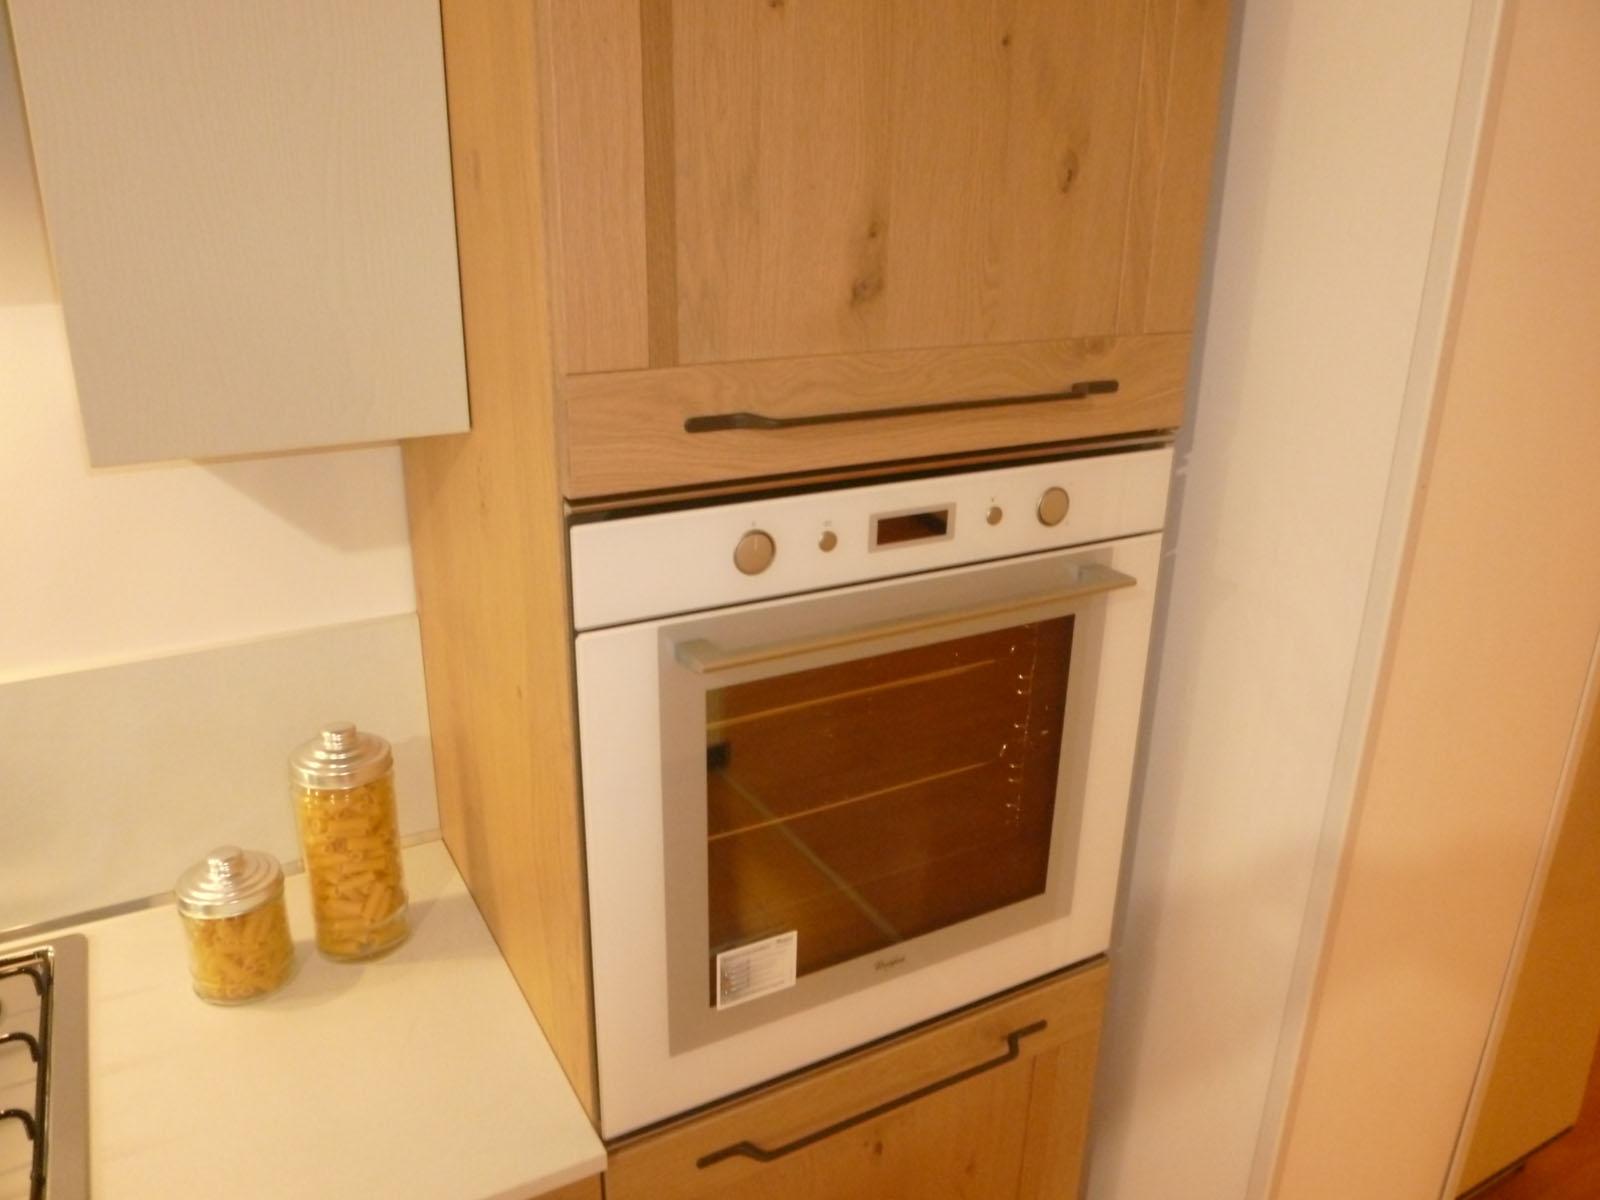 Cucina arredo3 asia legno cucine a prezzi scontati - Prezzi cucine arredo 3 ...